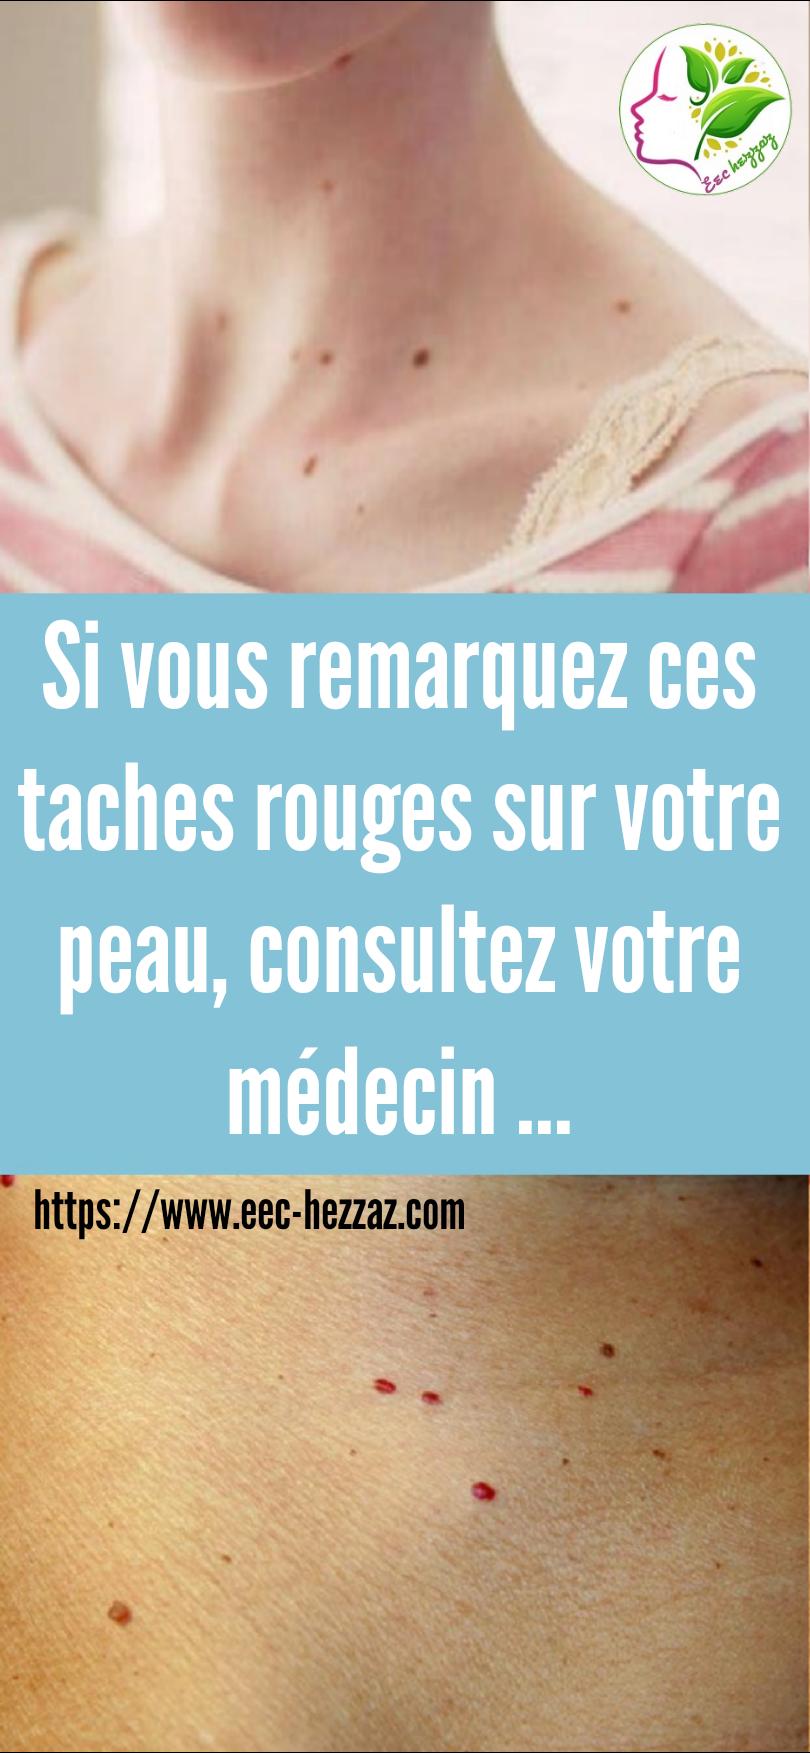 Si vous remarquez ces taches rouges sur votre peau, consultez votre médecin ...